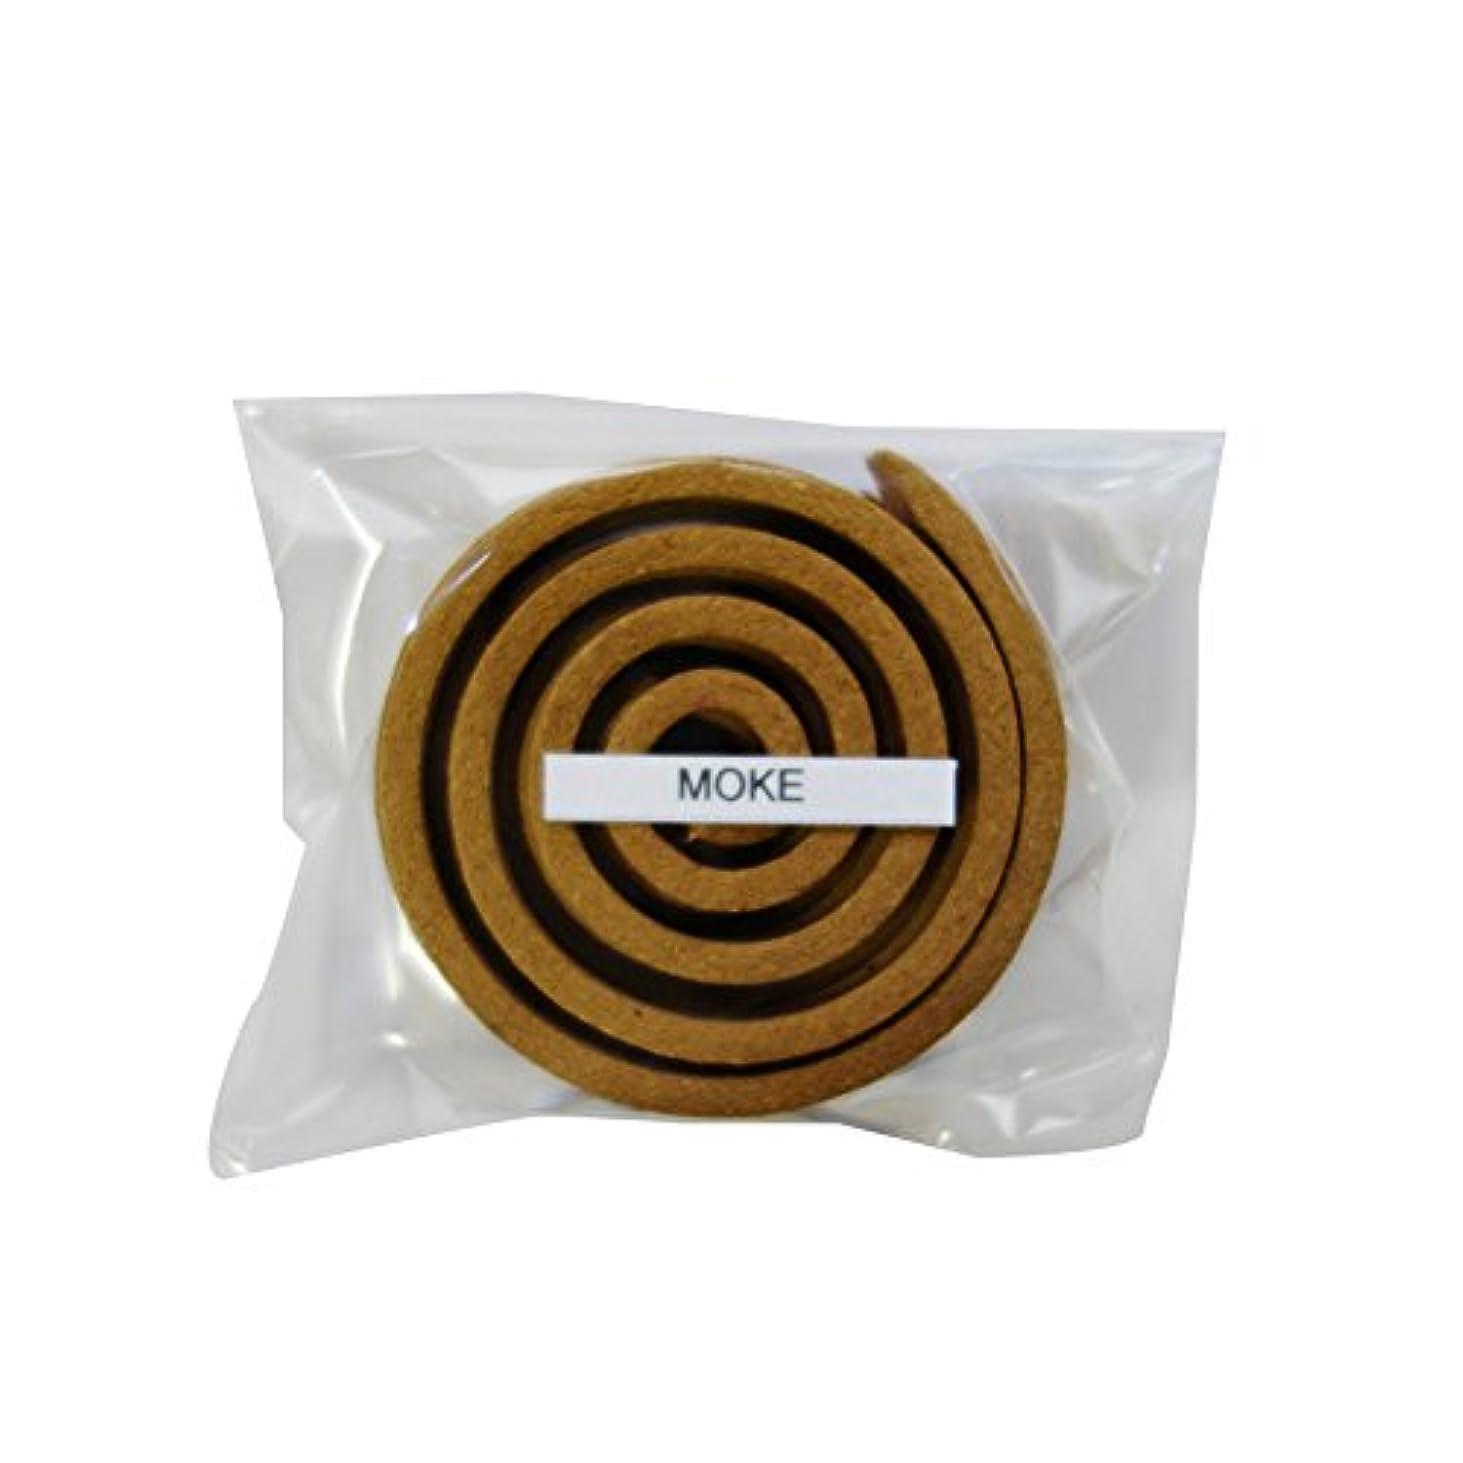 クレーターコーデリアワックスお香/うずまき香 MOKE モーク 直径5cm×5巻セット [並行輸入品]